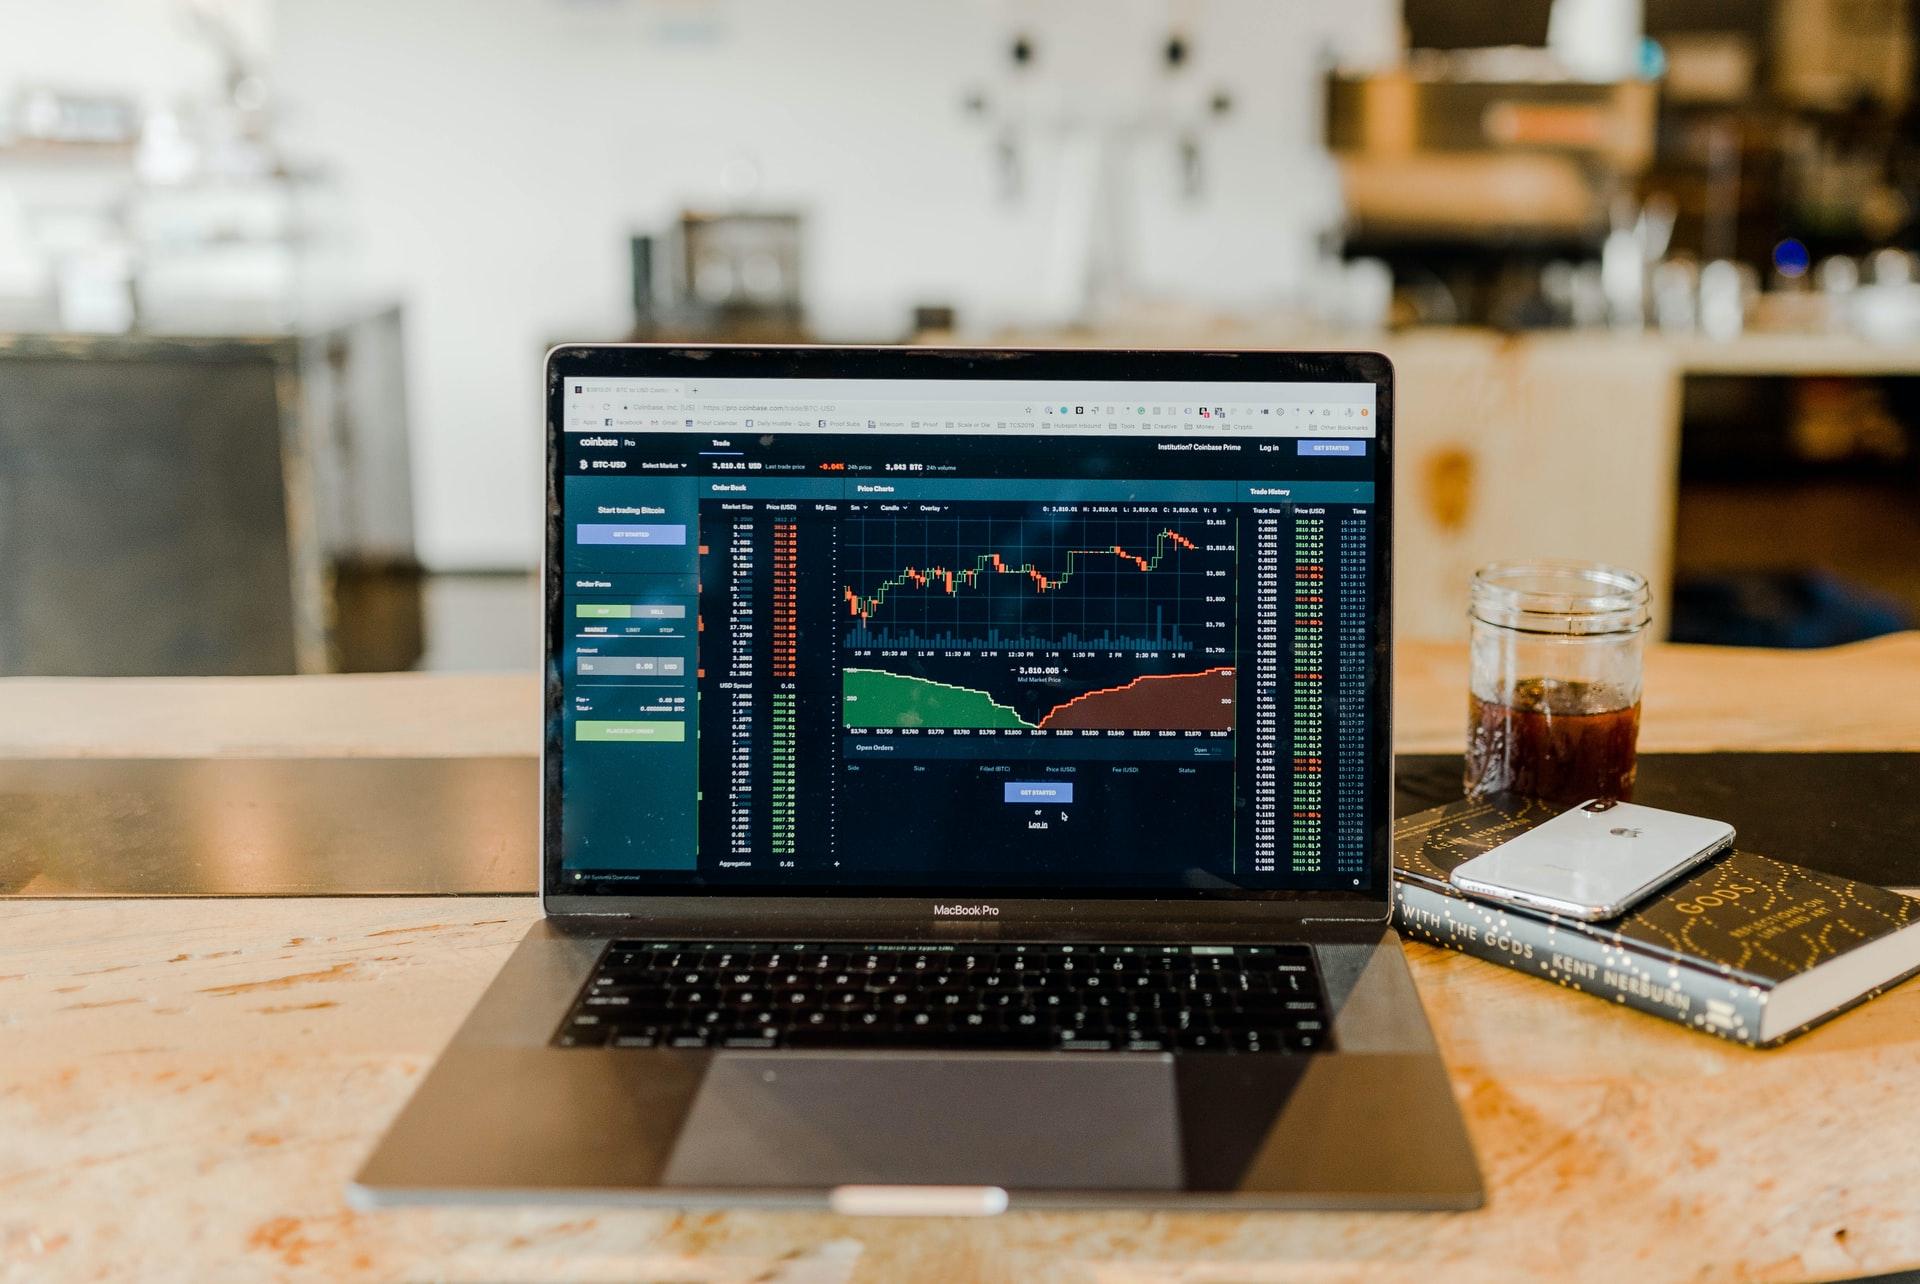 ¿Cuáles son los fondos de inversión más destacados de Fidelity?